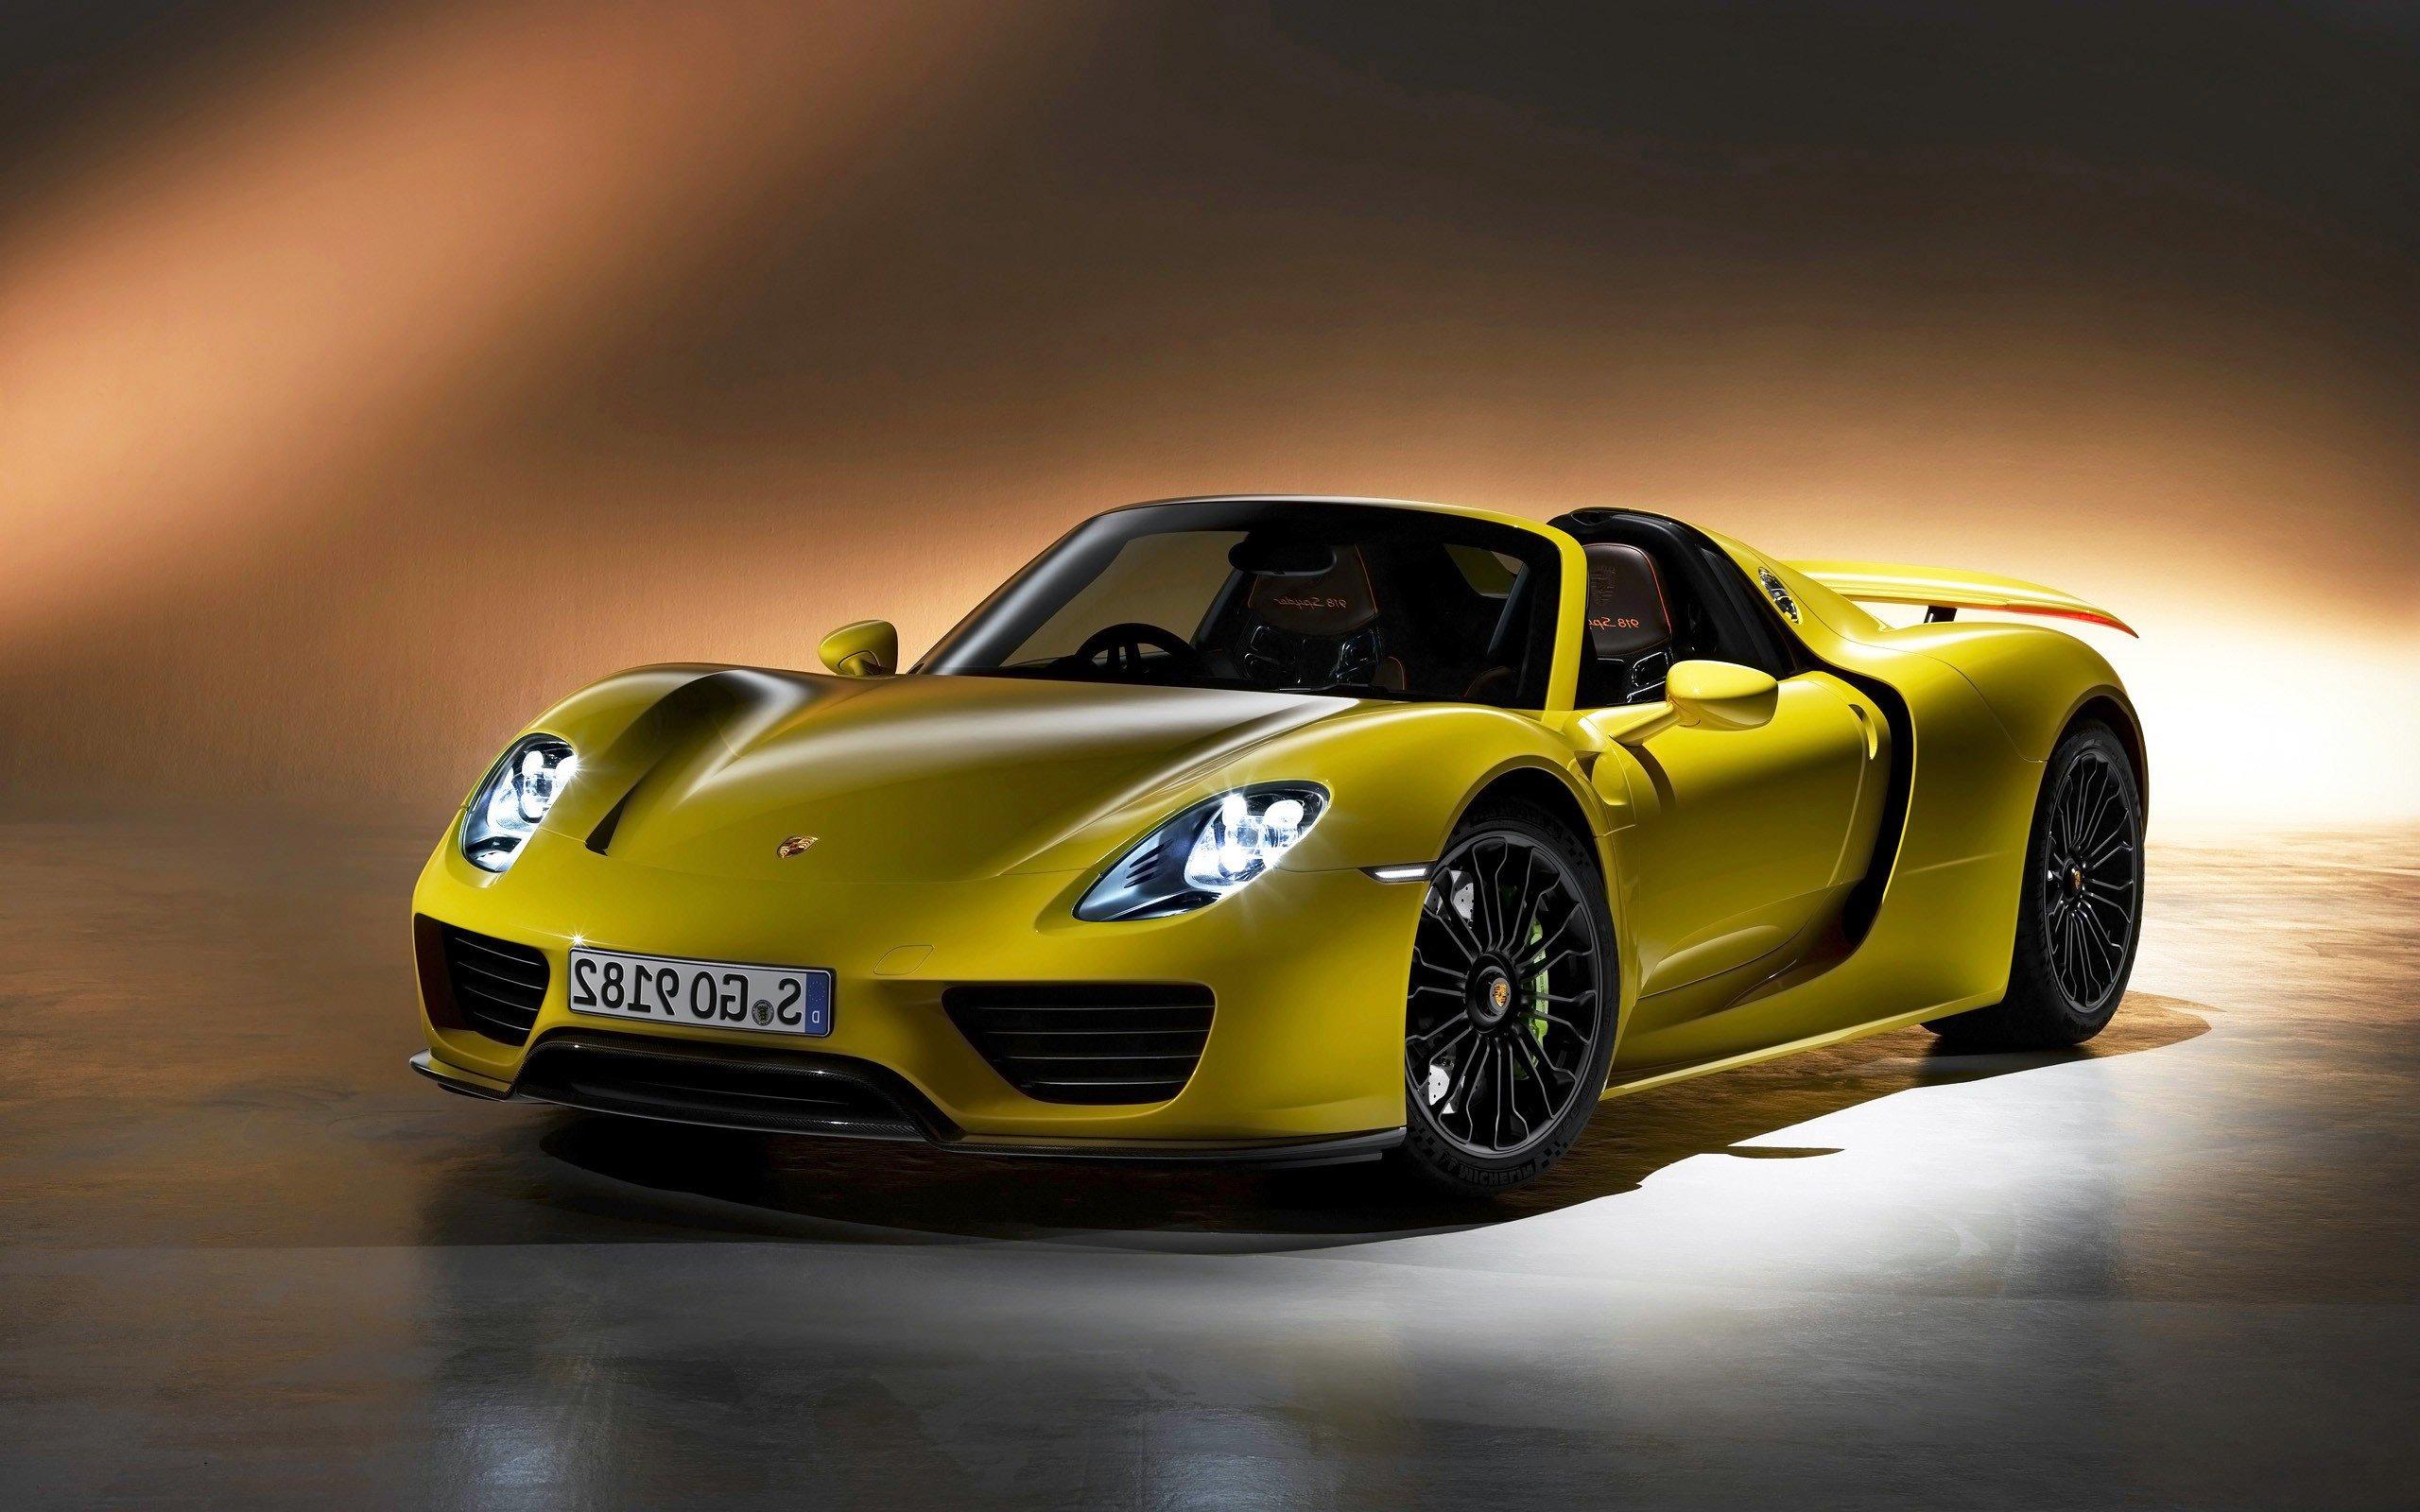 Porsche Hd Wallpapers 1080p: Porsche 918 Spyder Desktop, HD Cars, 4k Wallpapers, Images